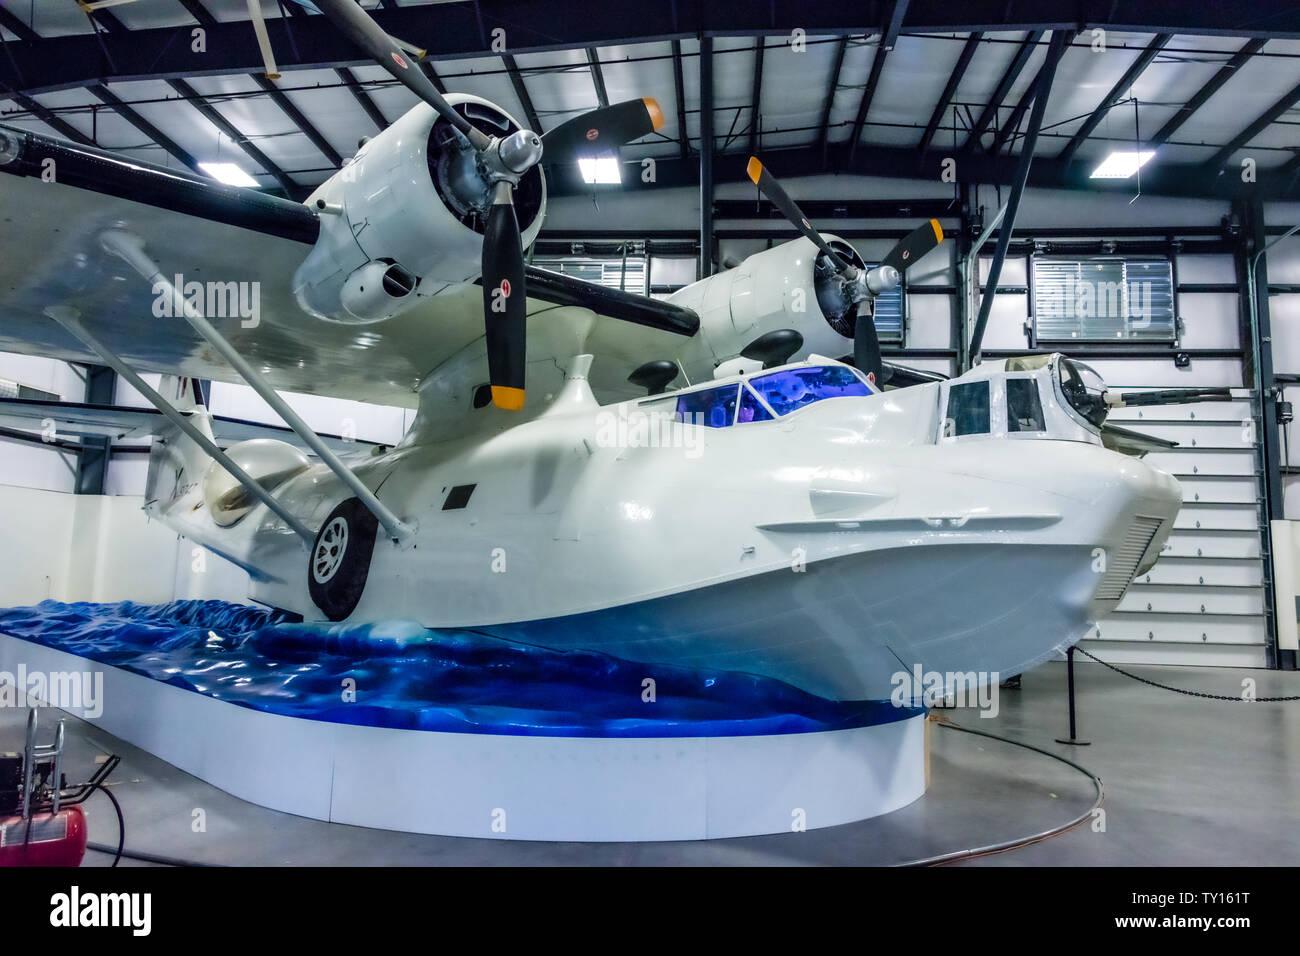 PBY Catalina - Stock Image